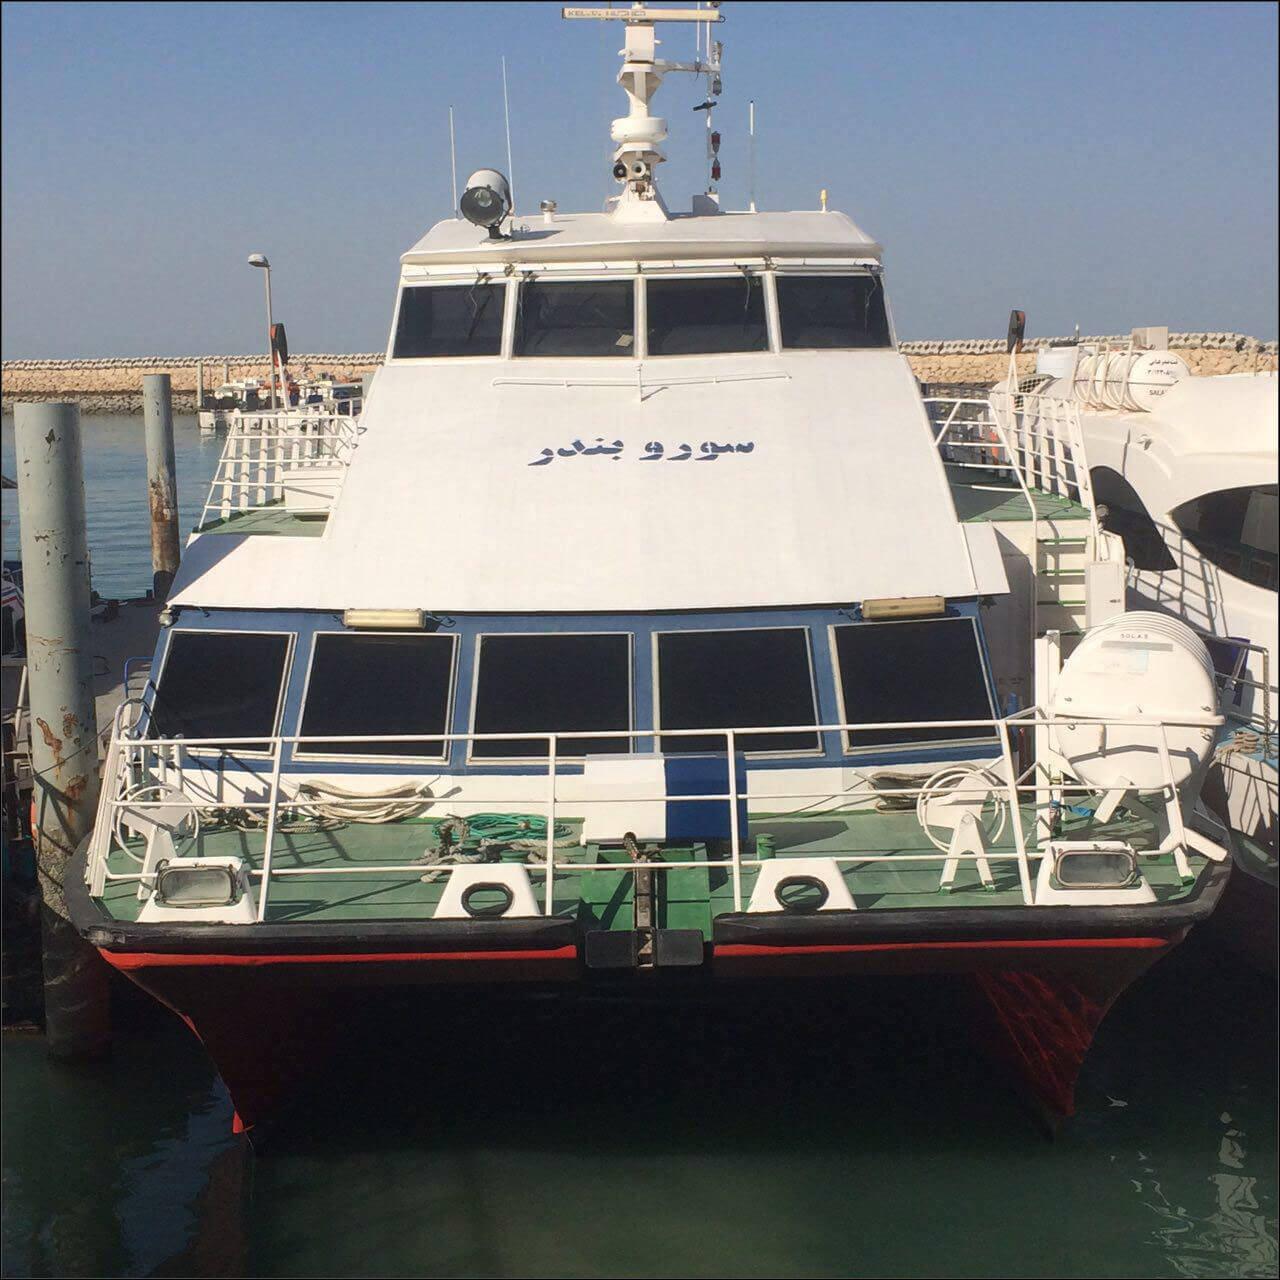 اجاره کشتی مسافربری کشتی مسافربری اجاره کشتی مسافربری photo 2017 03 12 09 27 48